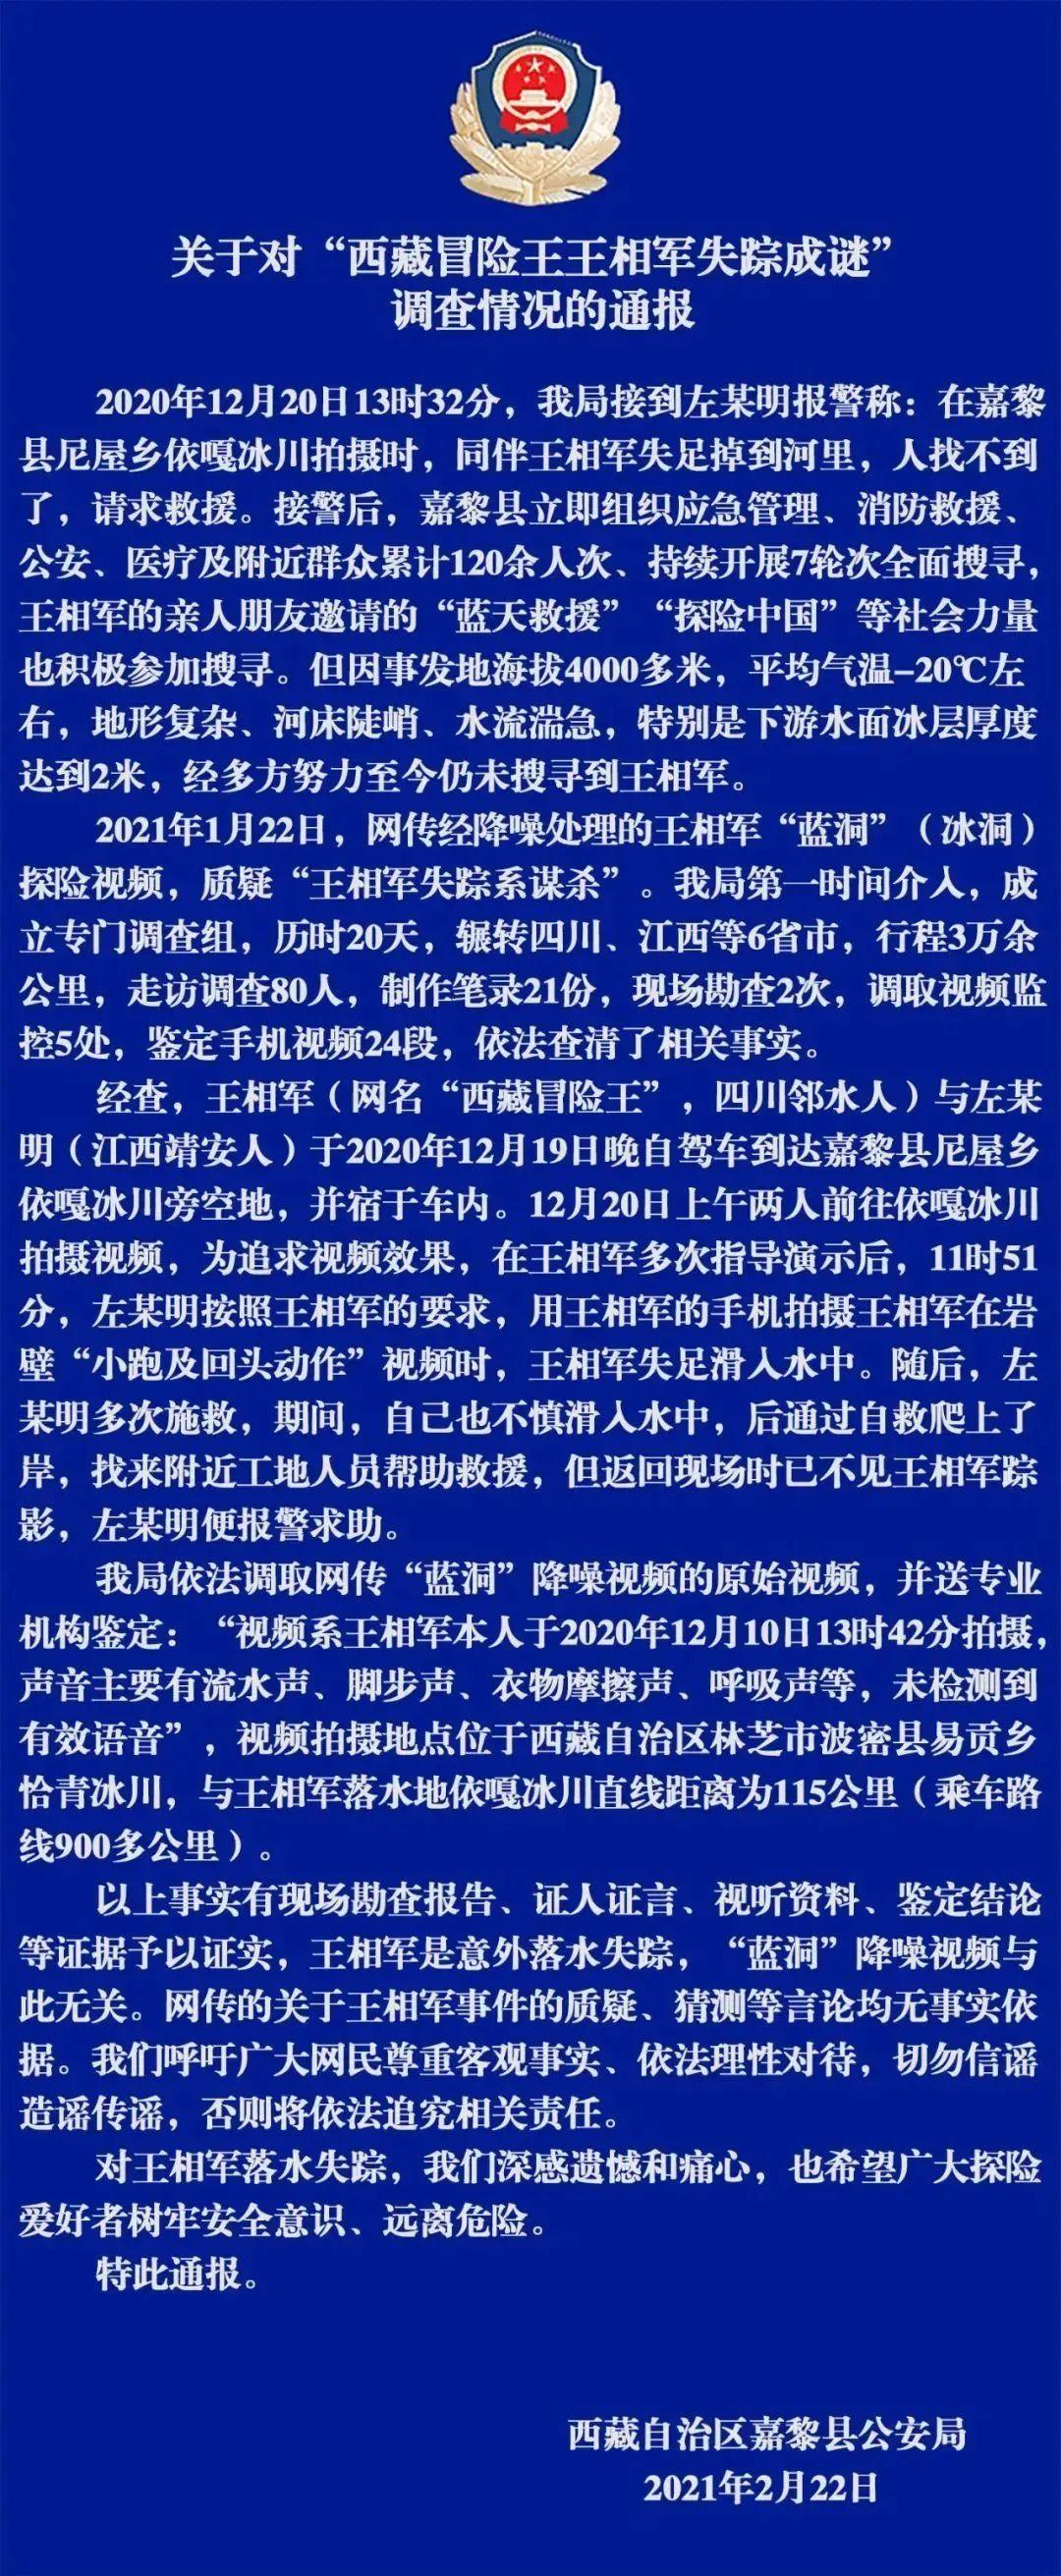 官方通报来了!系意外 西藏冒险王同行者:要回归正常生活